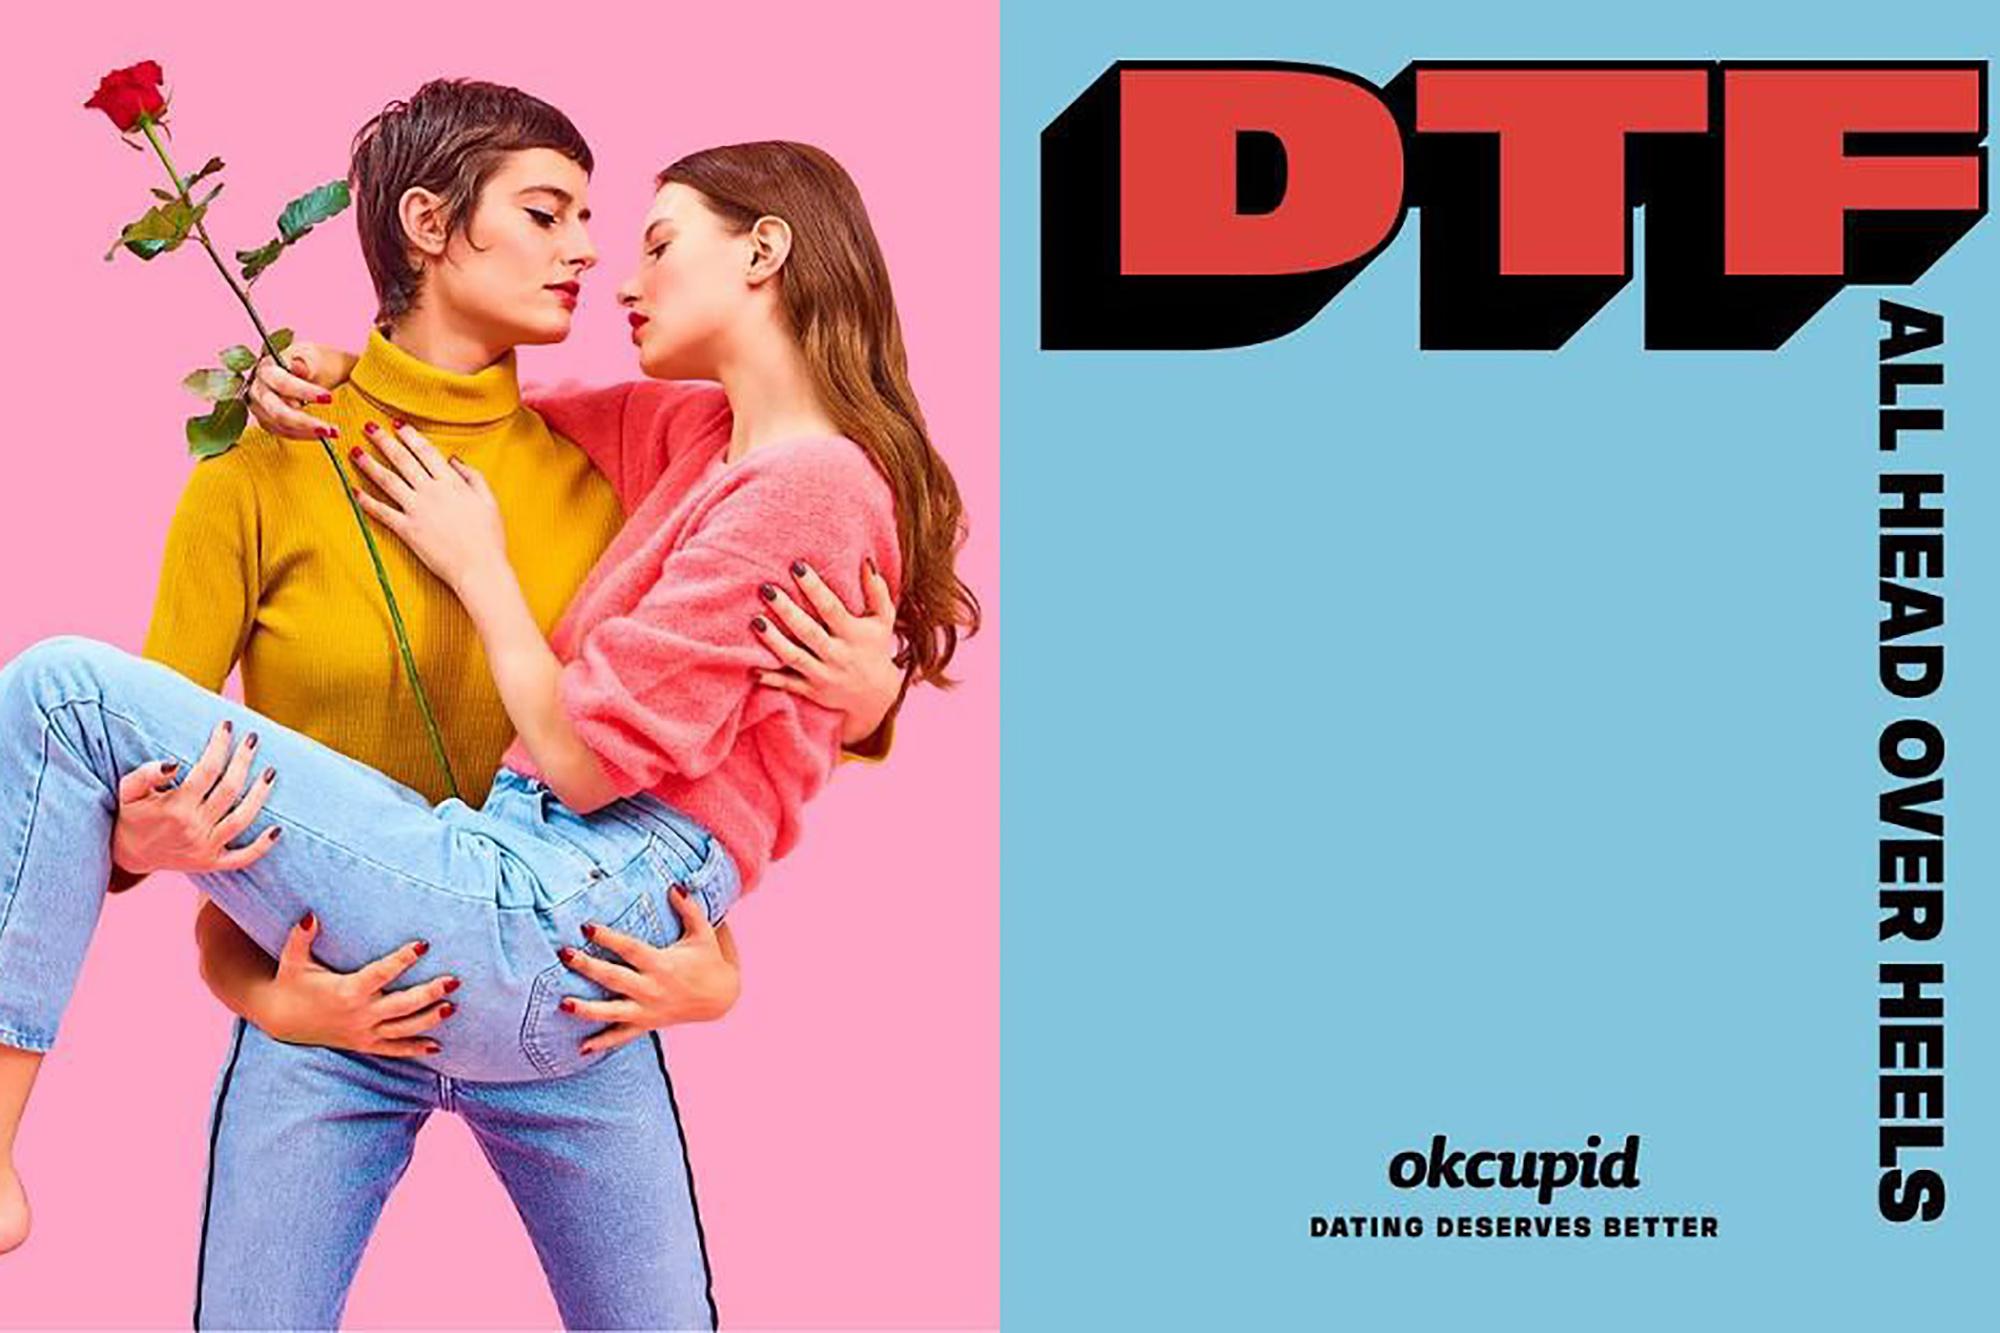 dating online dtf)